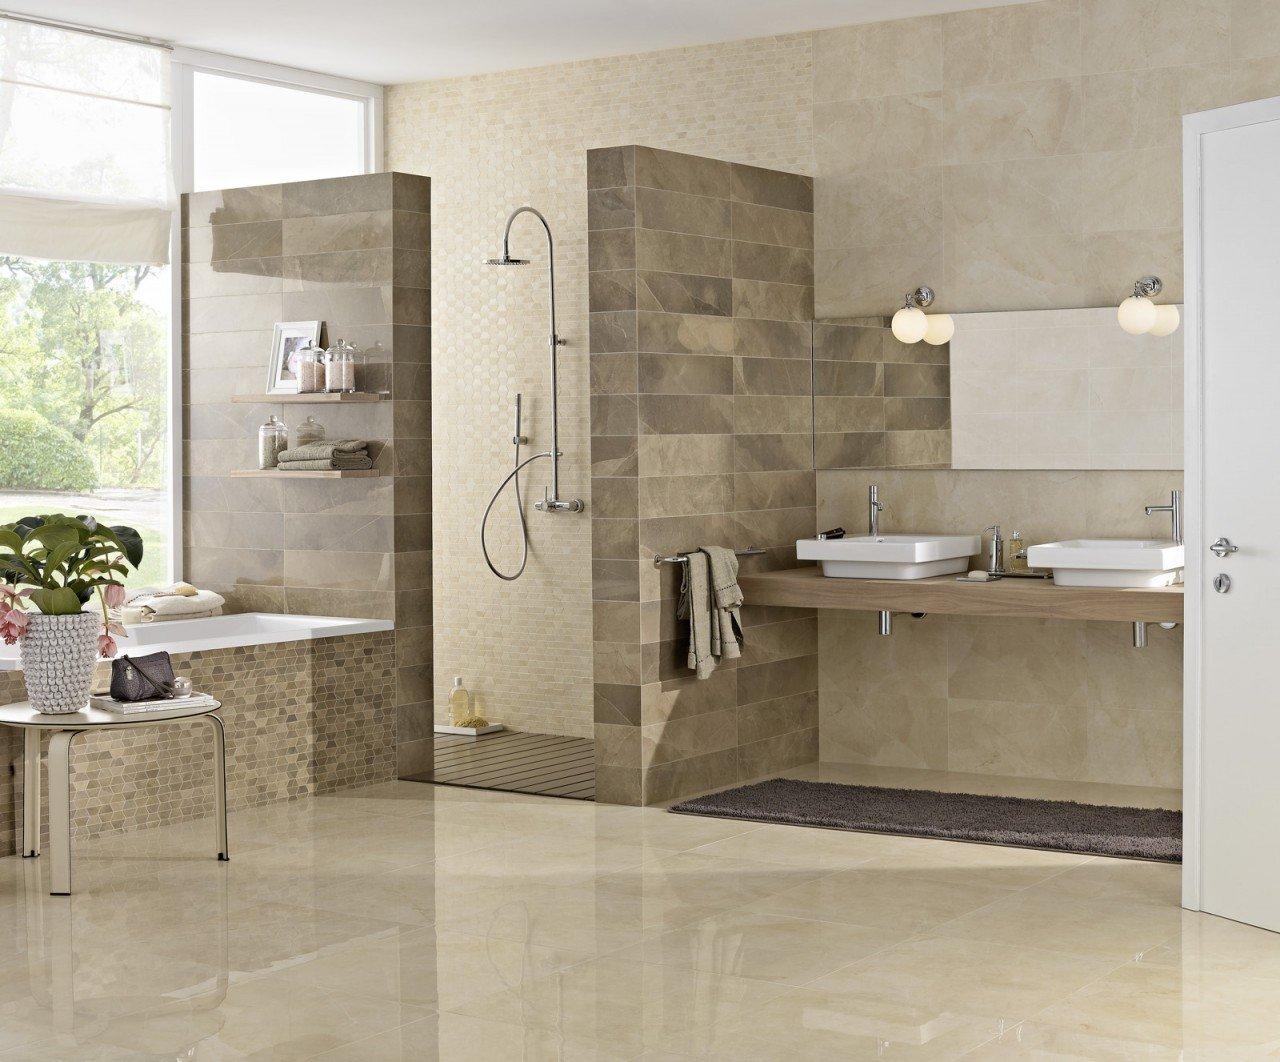 Pavimenti gres porcellanato effetto marmo milano spazio 11